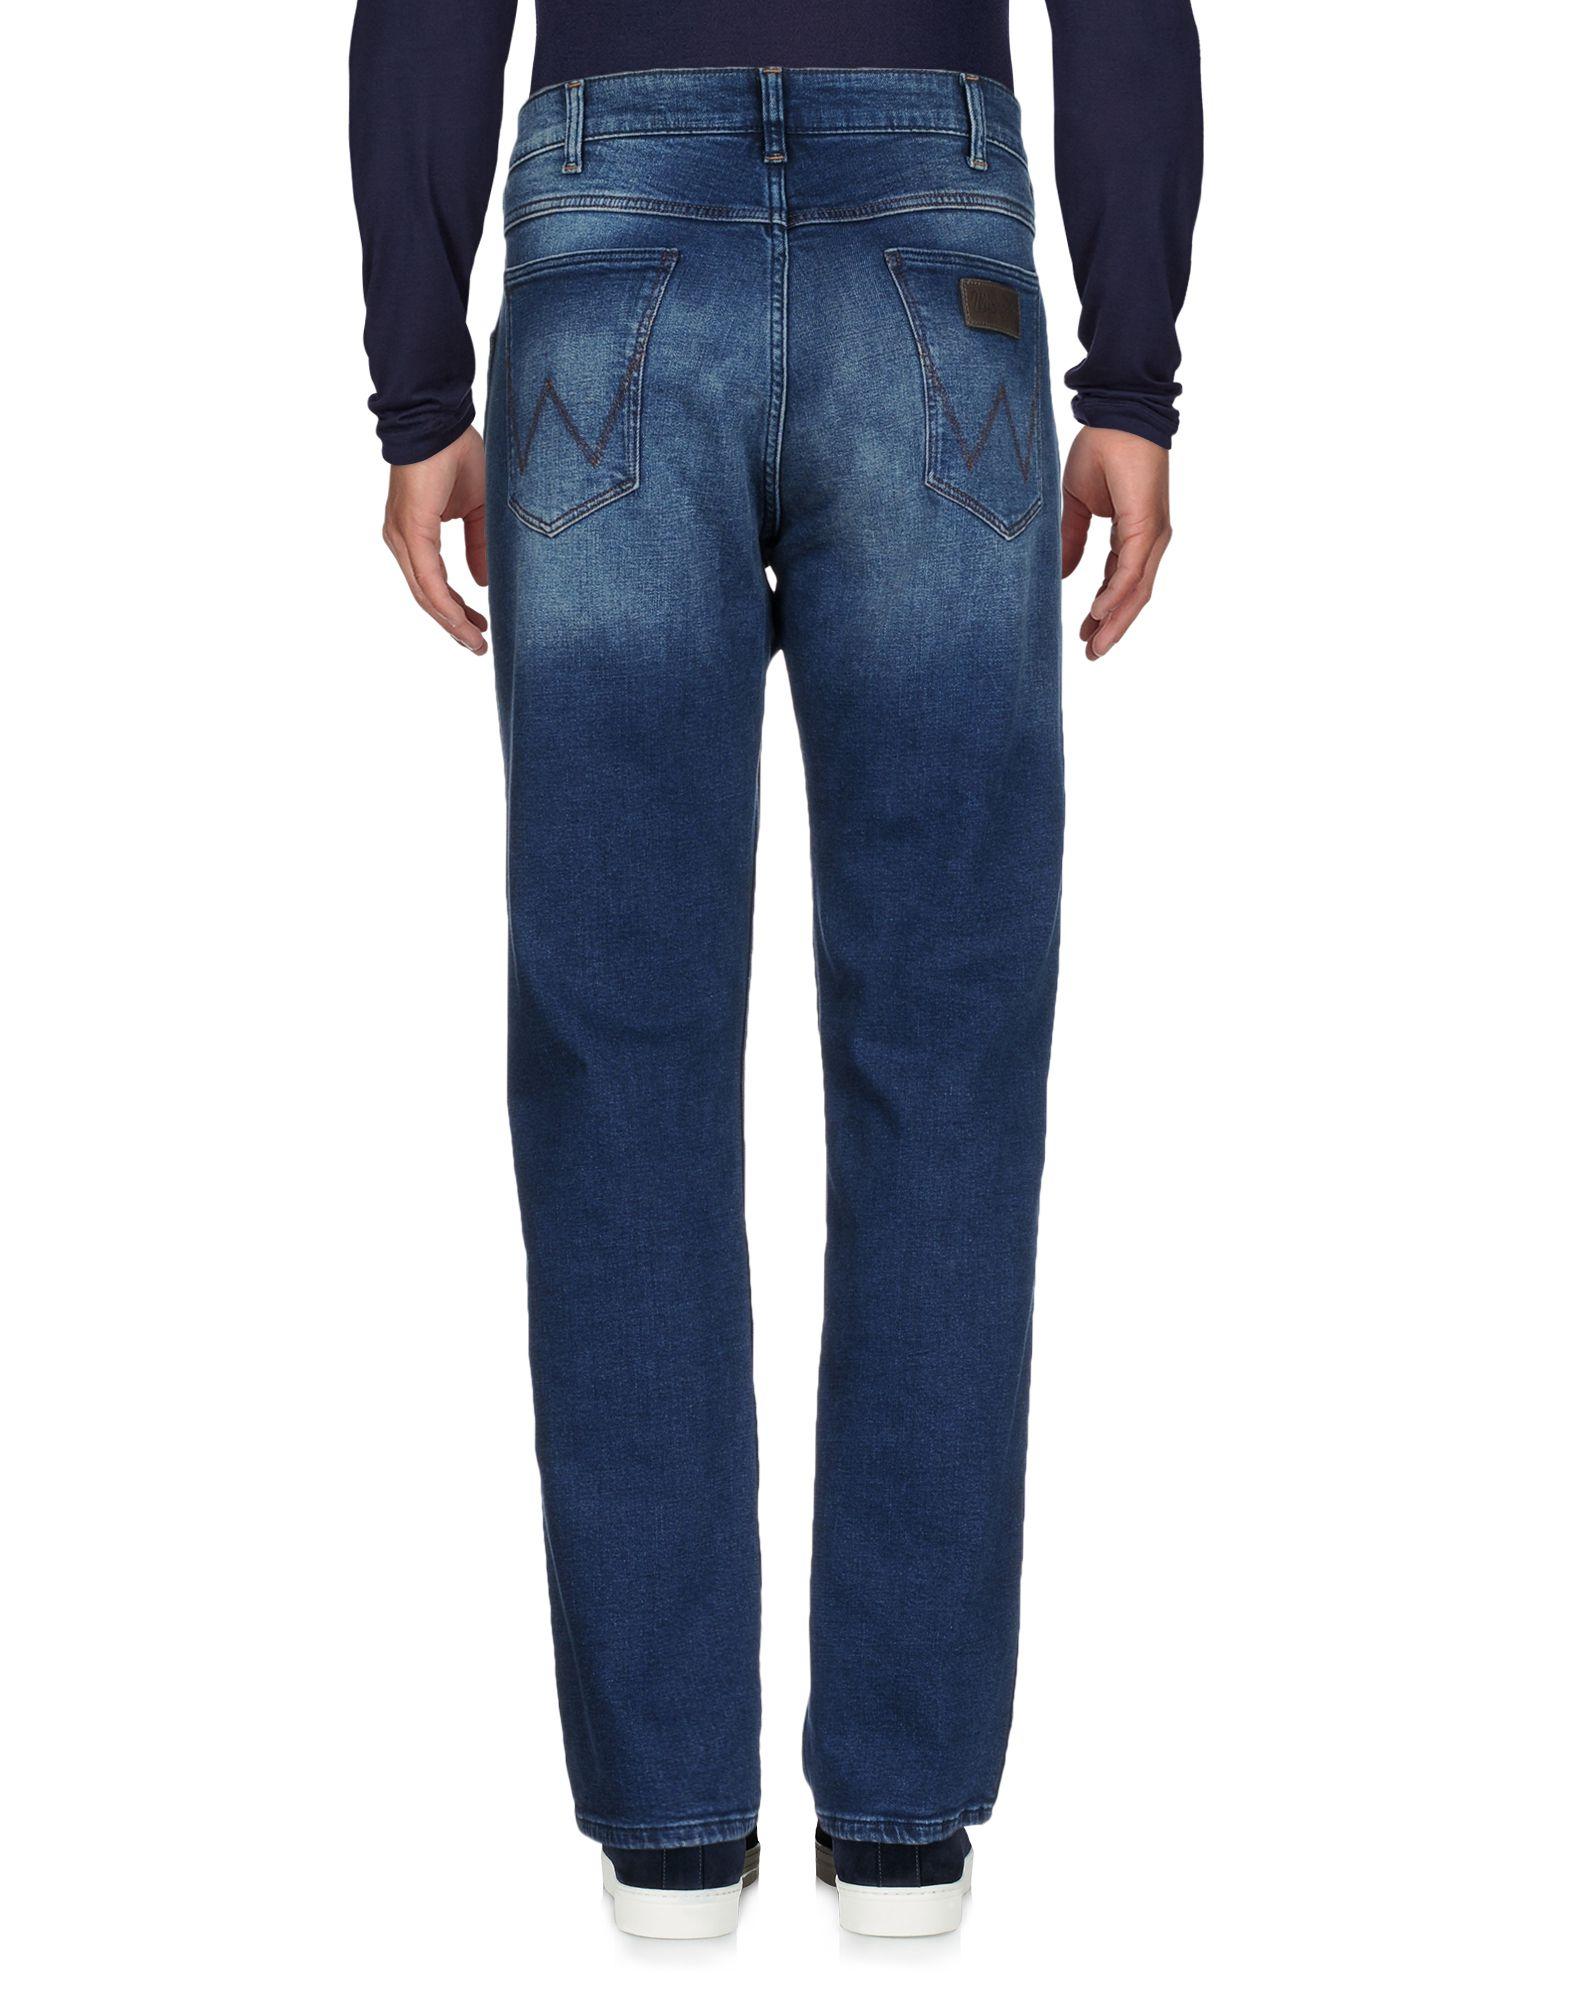 Pantaloni Jeans Jeans Pantaloni Wrangler Uomo - 42672833UD 071898